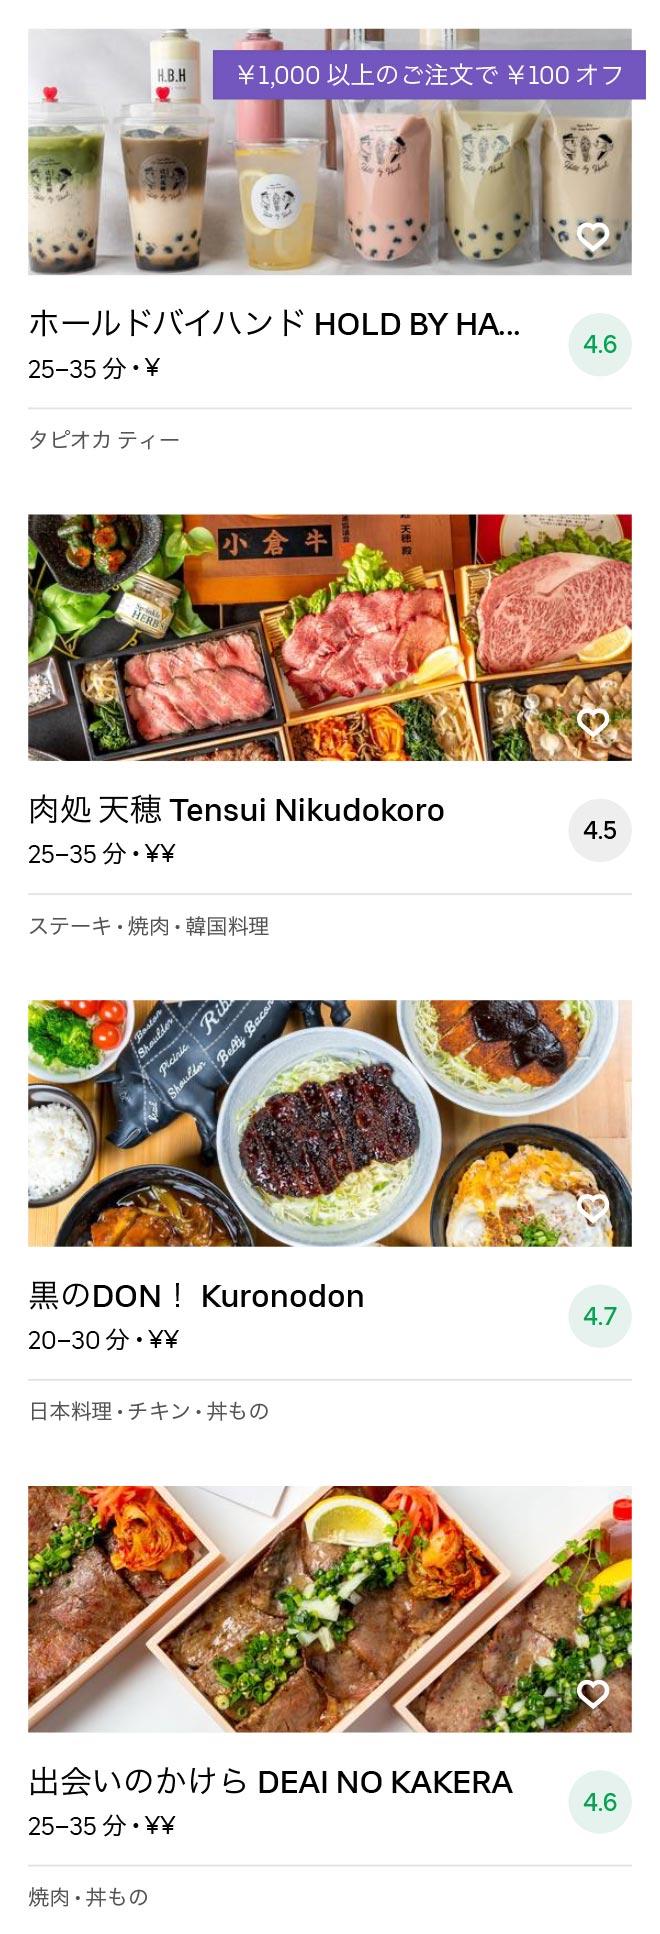 Kokura menu 2008 09